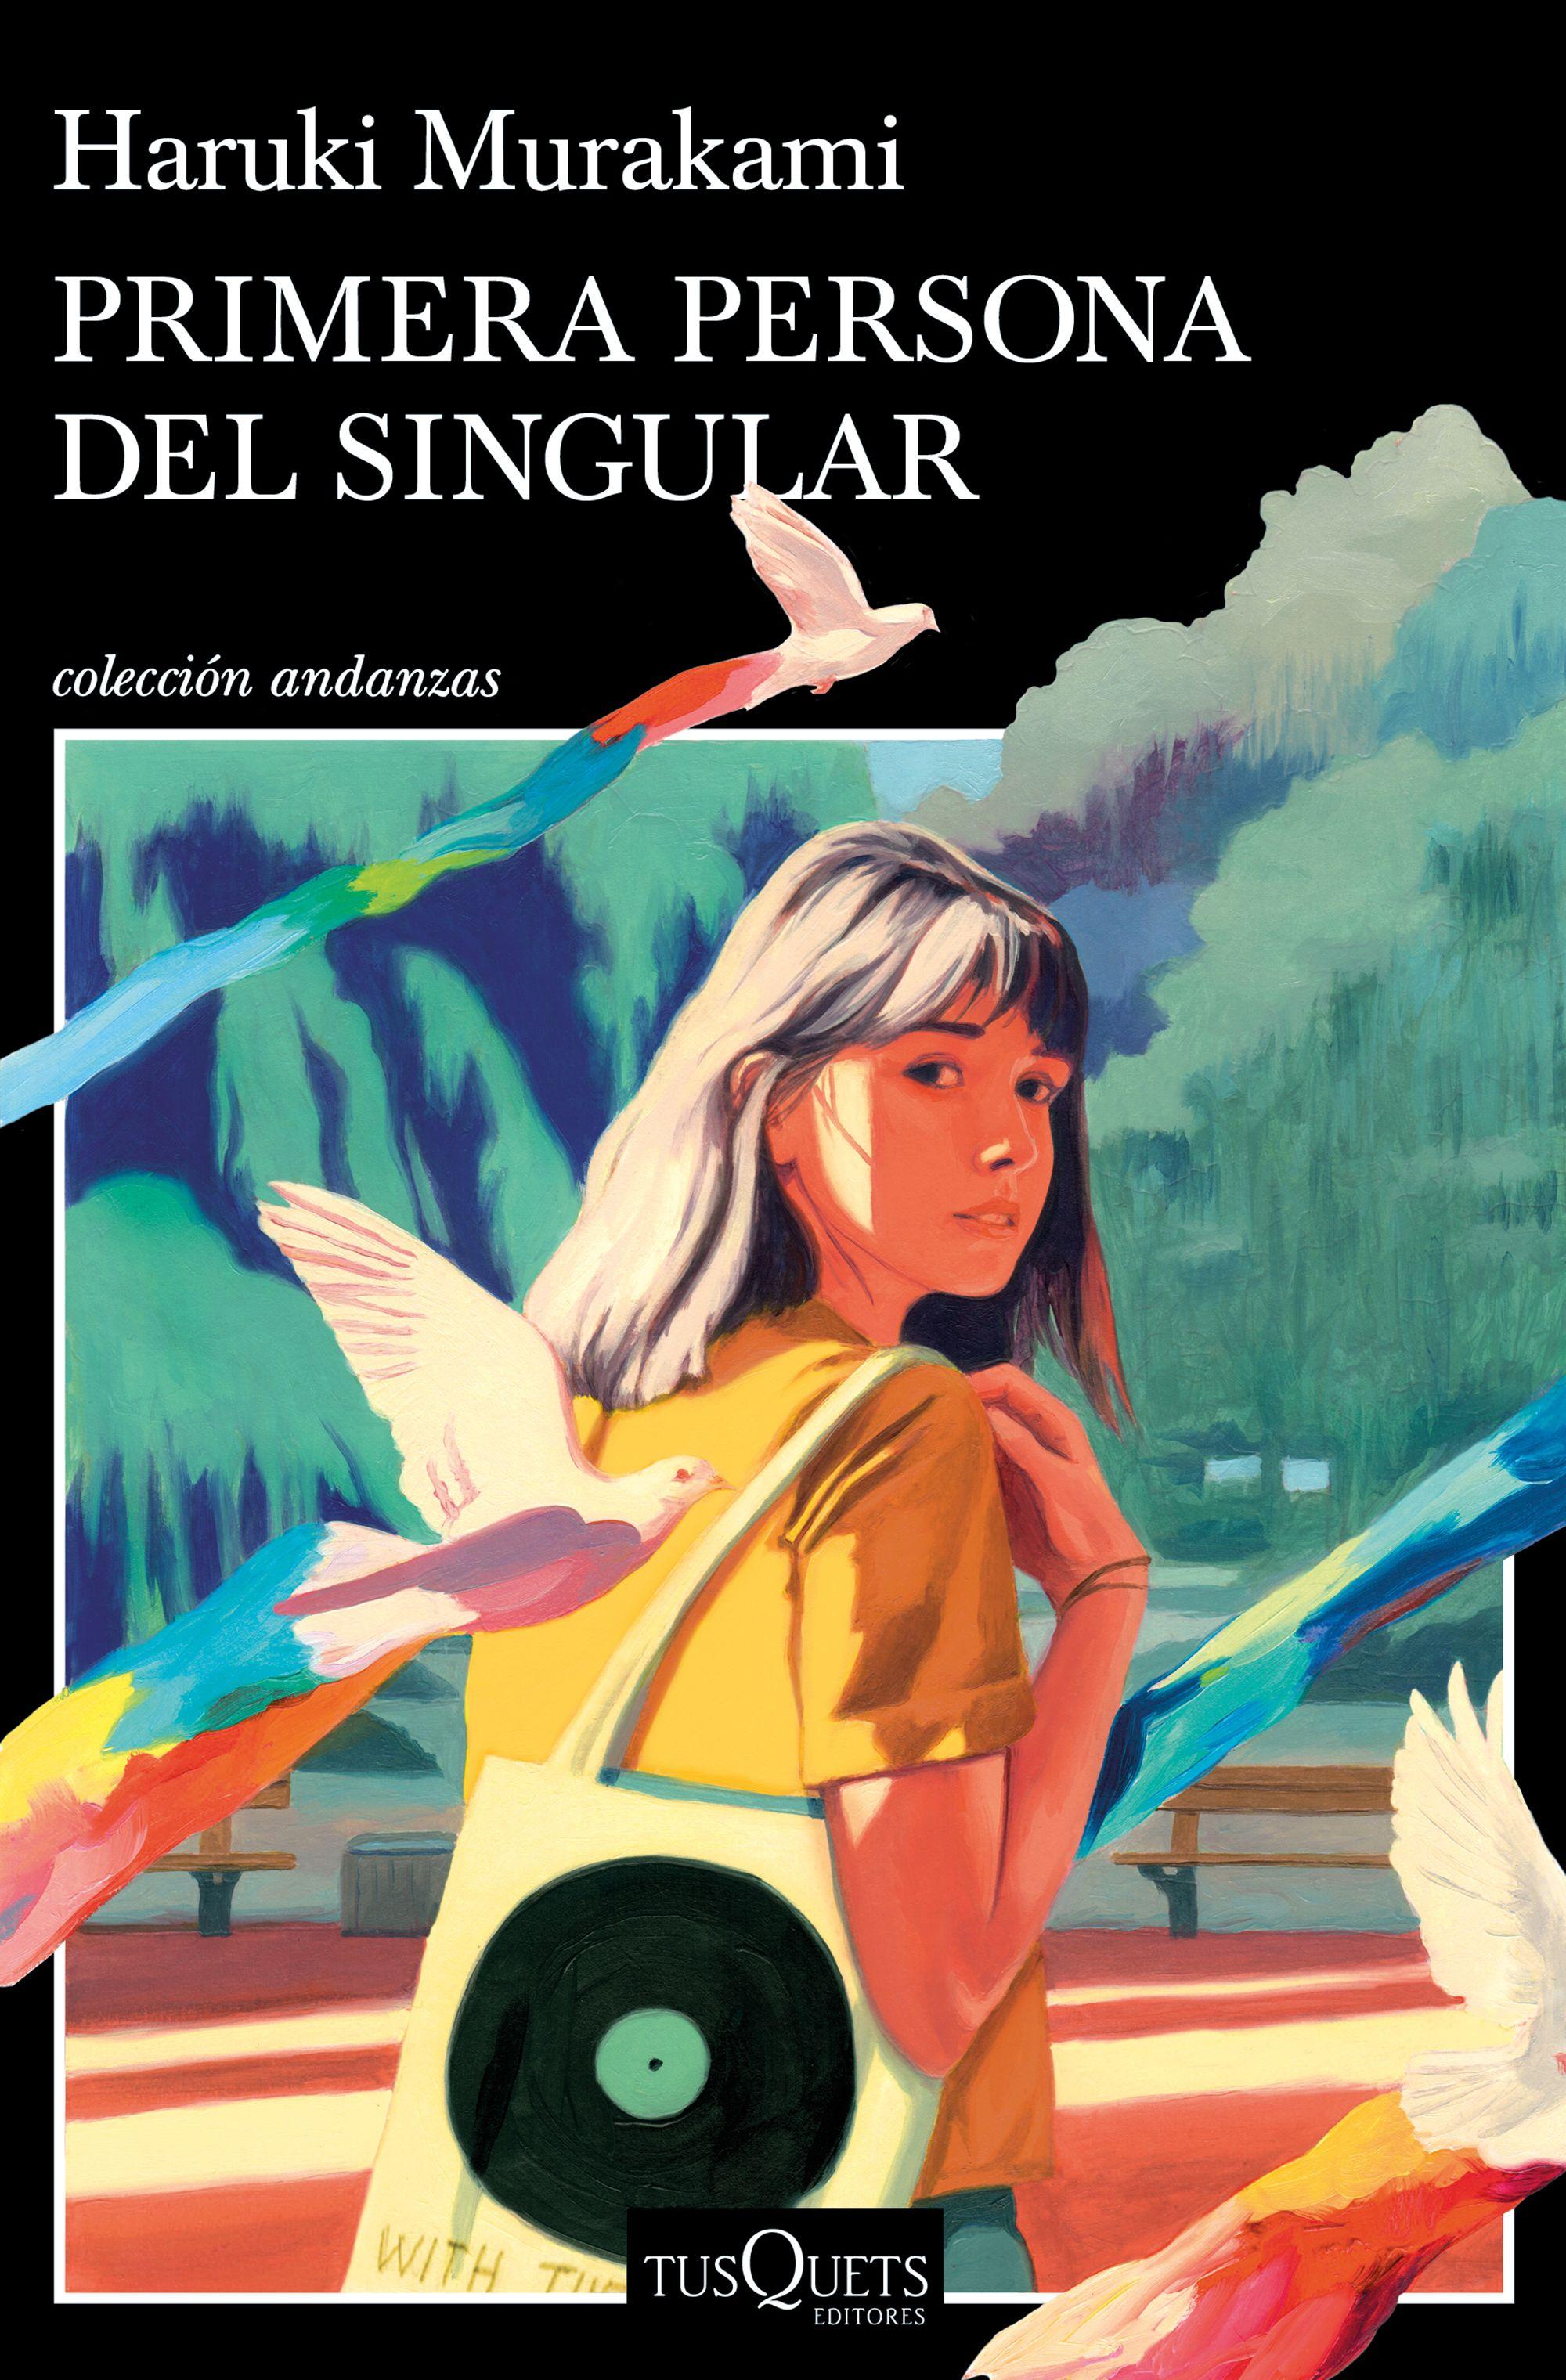 Primera persona del singular - Haruki Murakami (Tusquets)